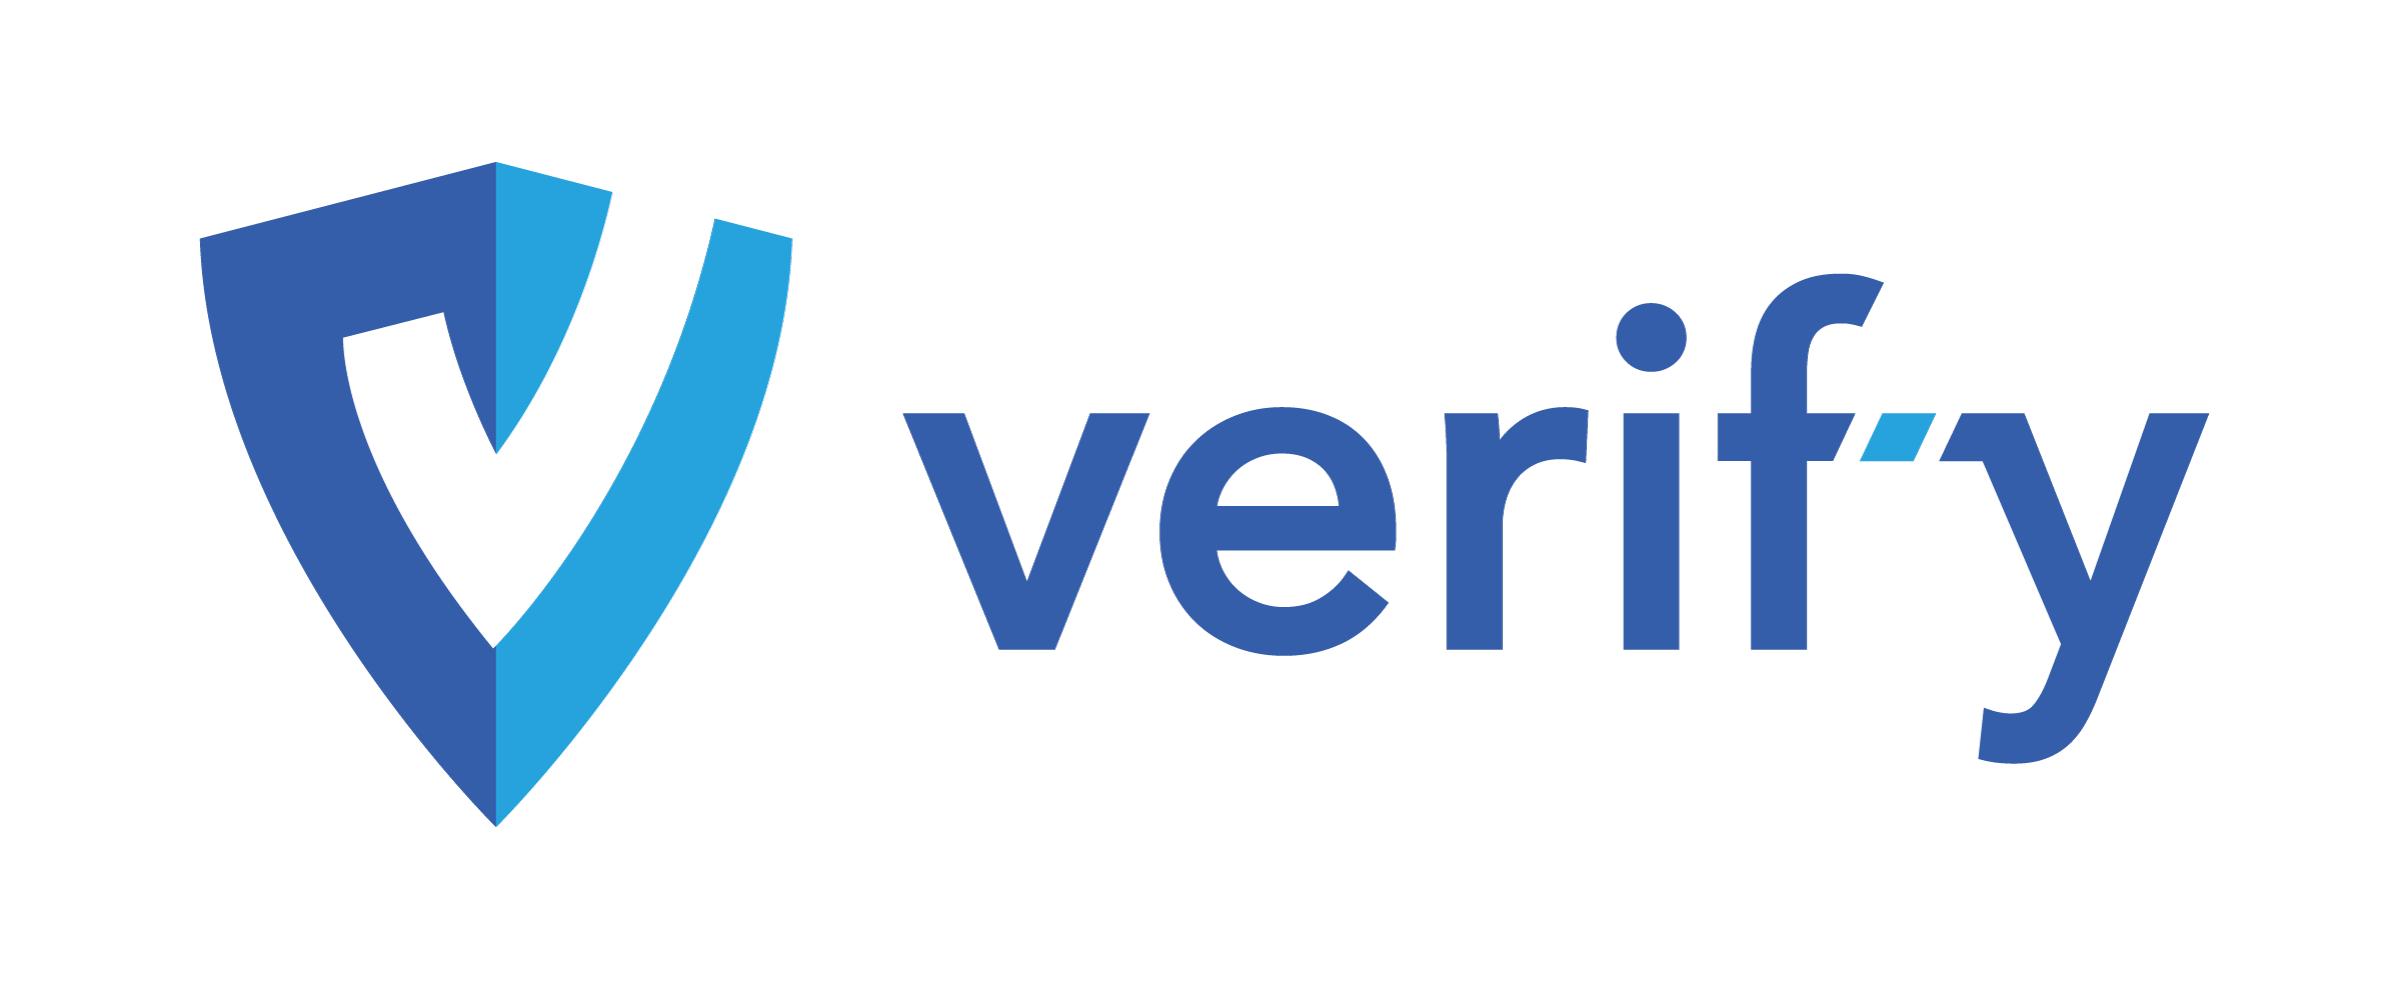 verify logo - Cách Verify Facebook bảo vệ tài khoản theo kiểu BsLVeriF